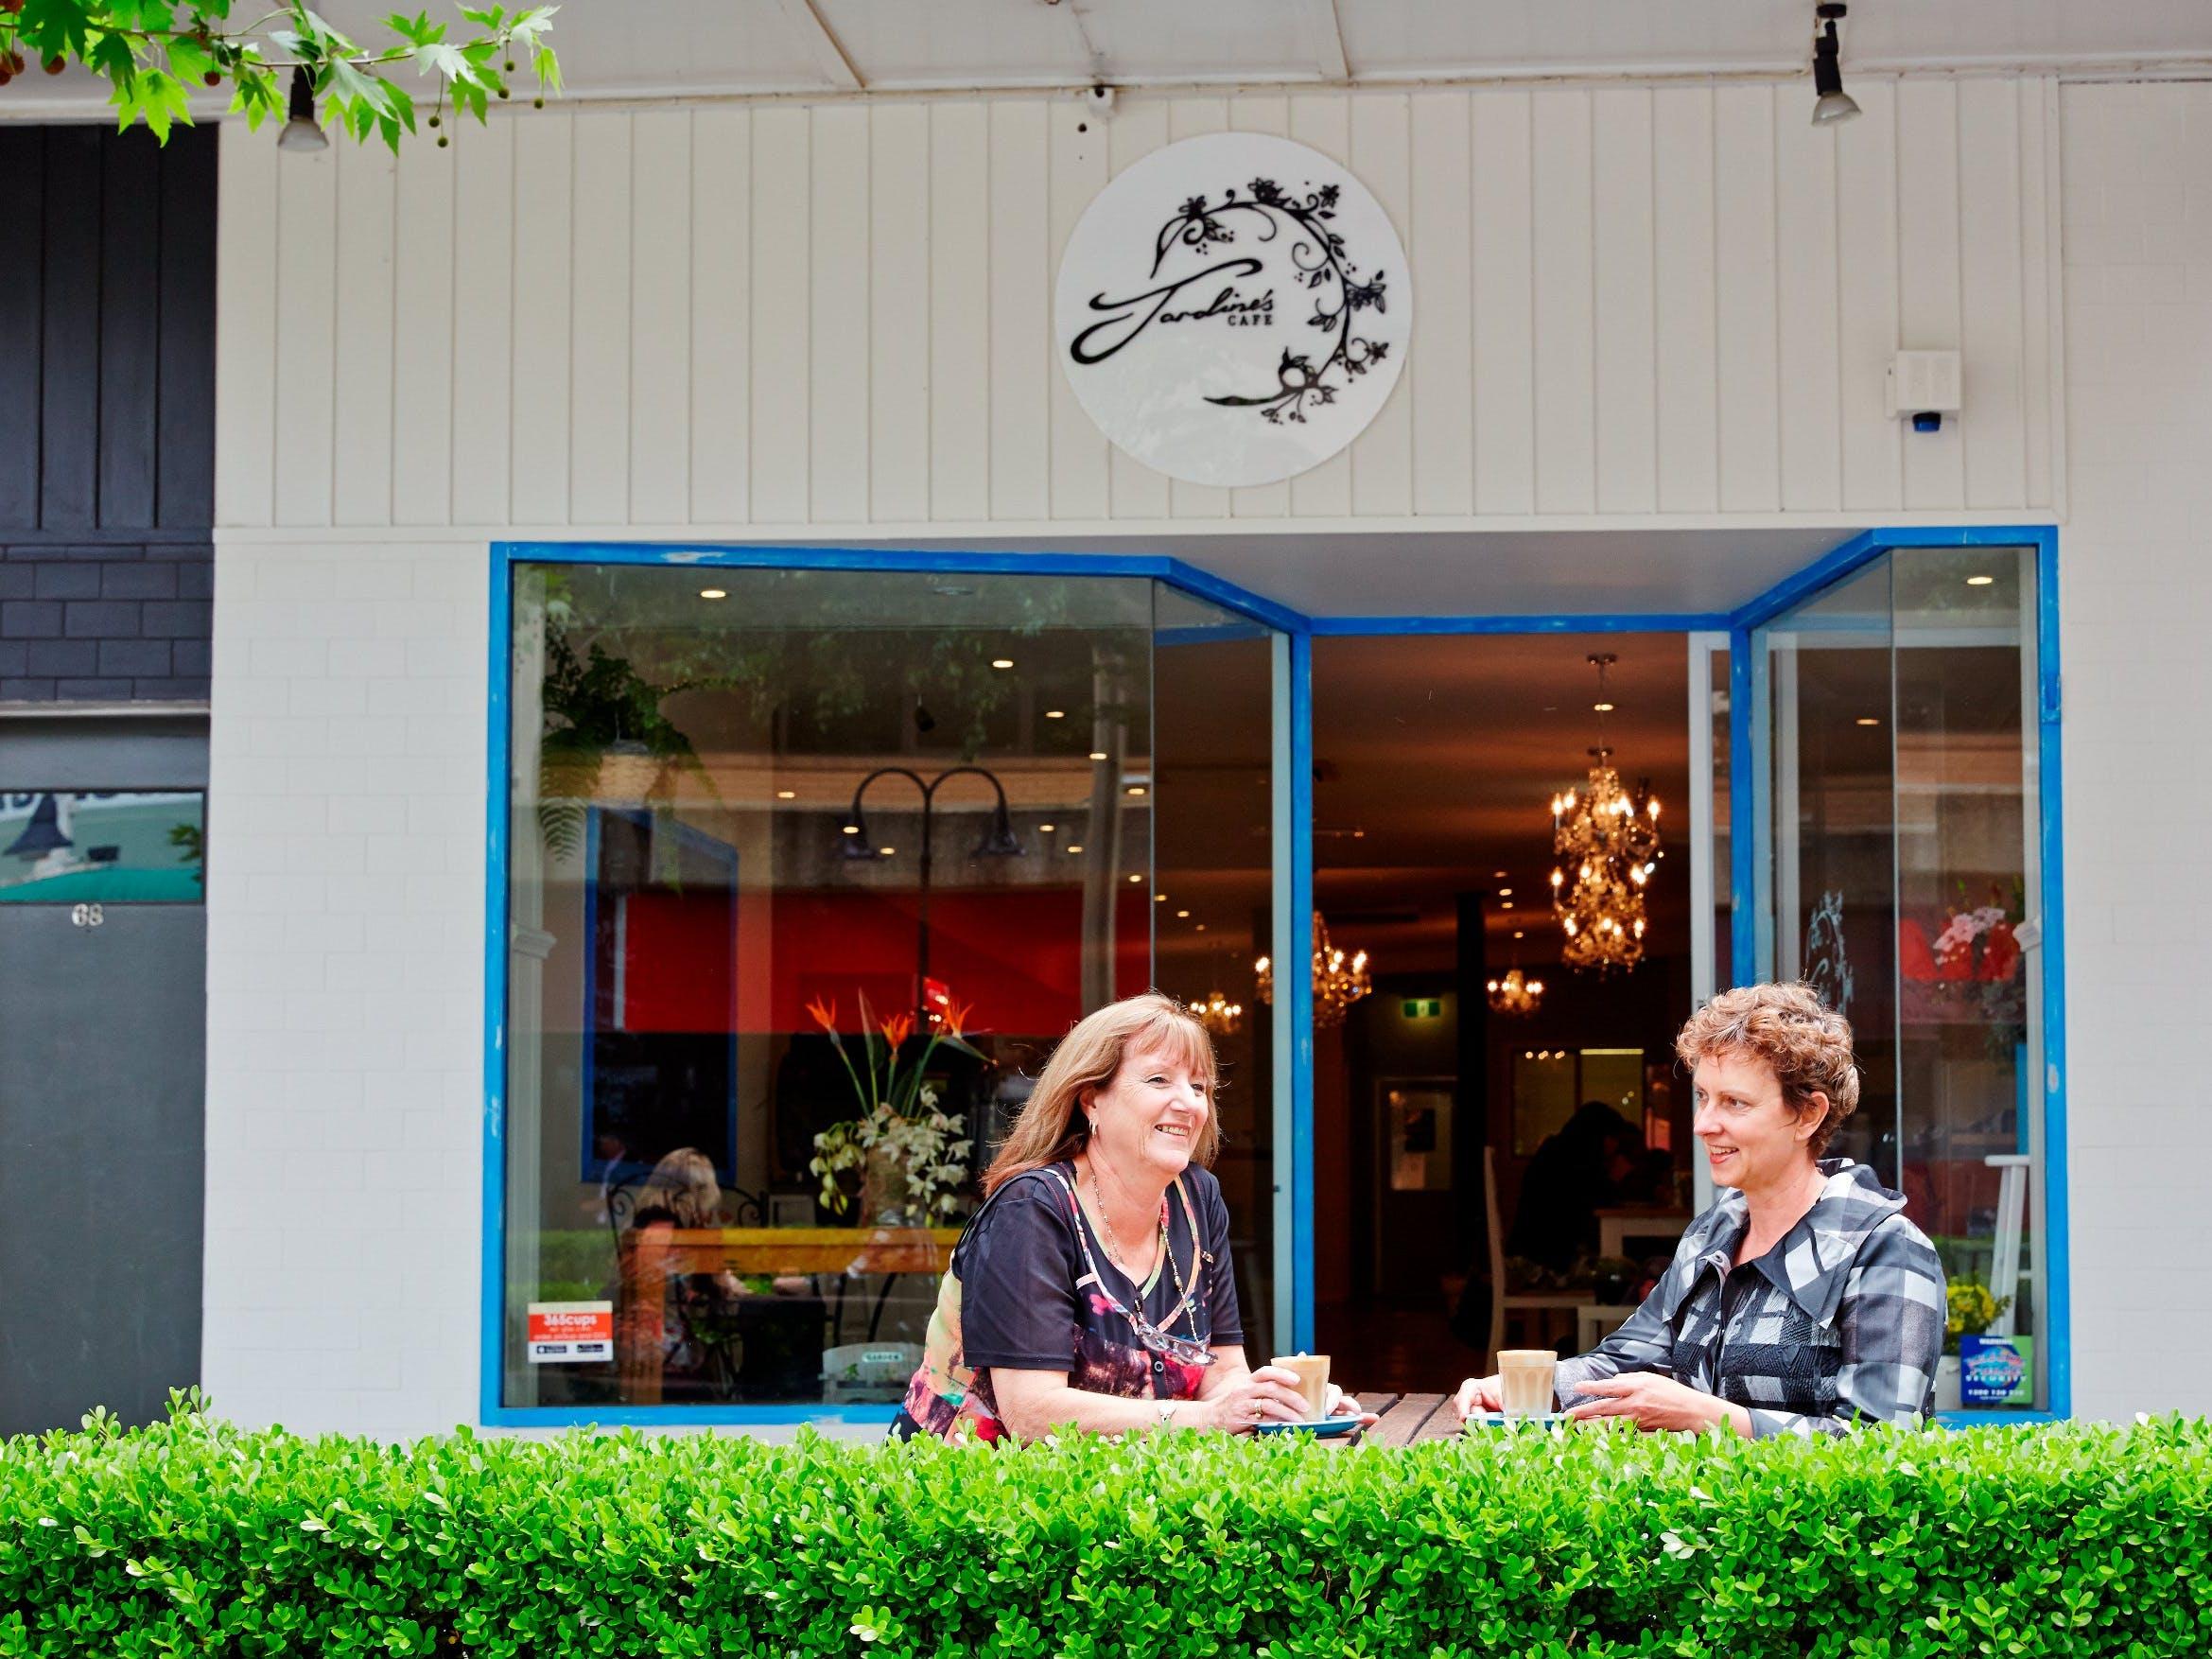 Image: Jardine's Café